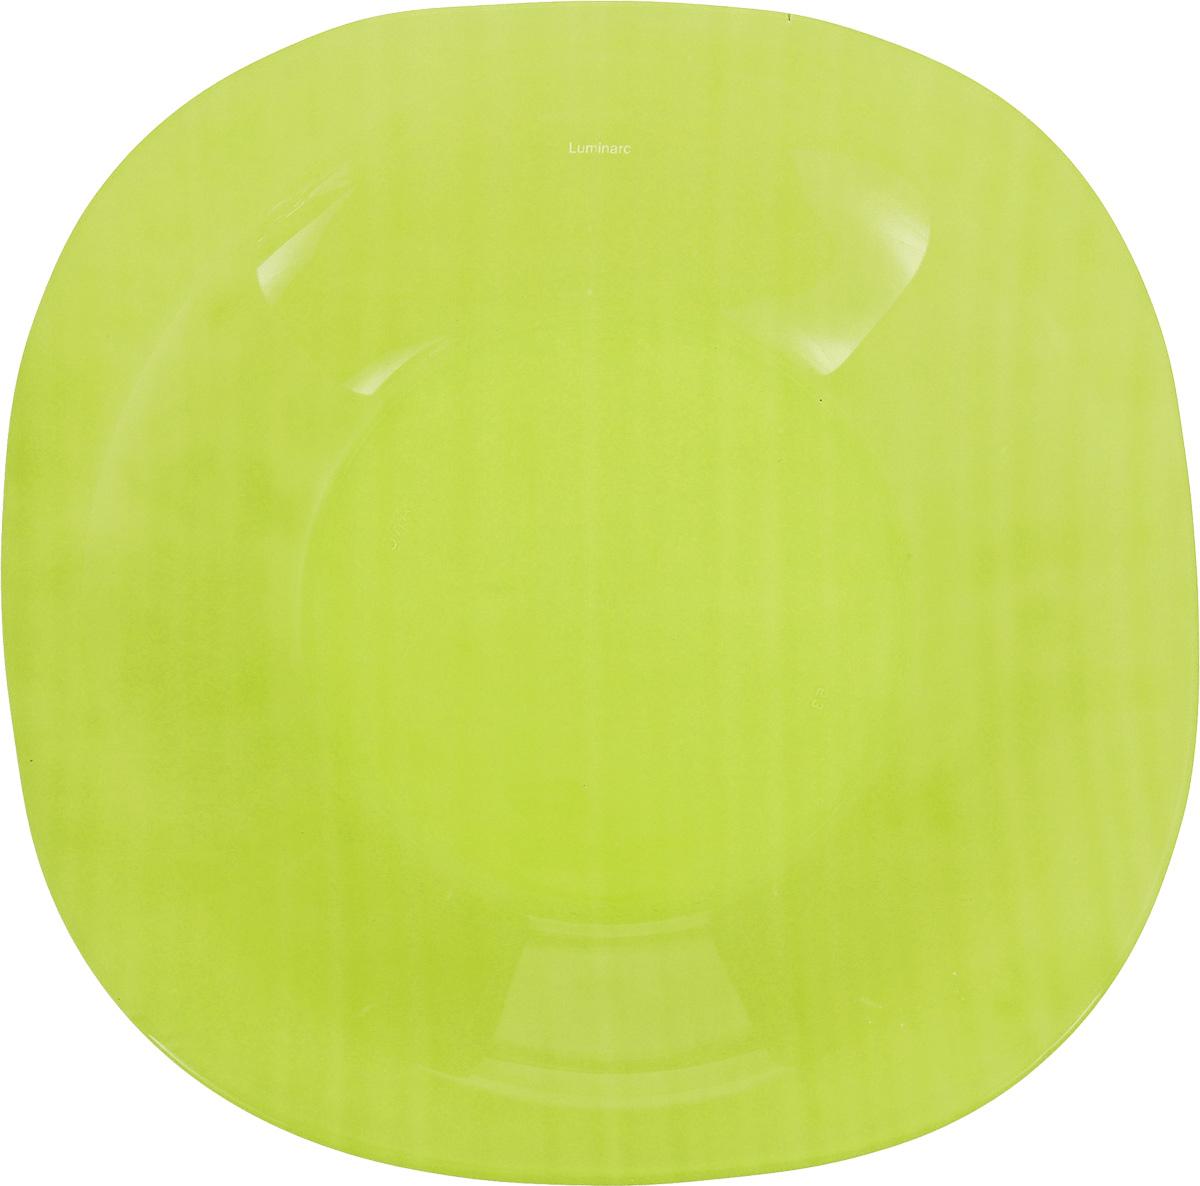 Тарелка глубокая Luminarc Colorama, цвет: зеленый, 20,5 х 20,5 смJ7764Глубокая тарелка Luminarc Colorama выполнена изударопрочного стекла и оформлена в классическом стиле.Изделие сочетает в себе изысканный дизайн с максимальнойфункциональностью. Она прекрасно впишется винтерьер вашей кухни и станет достойным дополнениемк кухонному инвентарю. Тарелка Luminarc Colorama подчеркнет прекрасный вкус хозяйкии станет отличным подарком. Размер (по верхнему краю): 20,5 х 20,5 см.